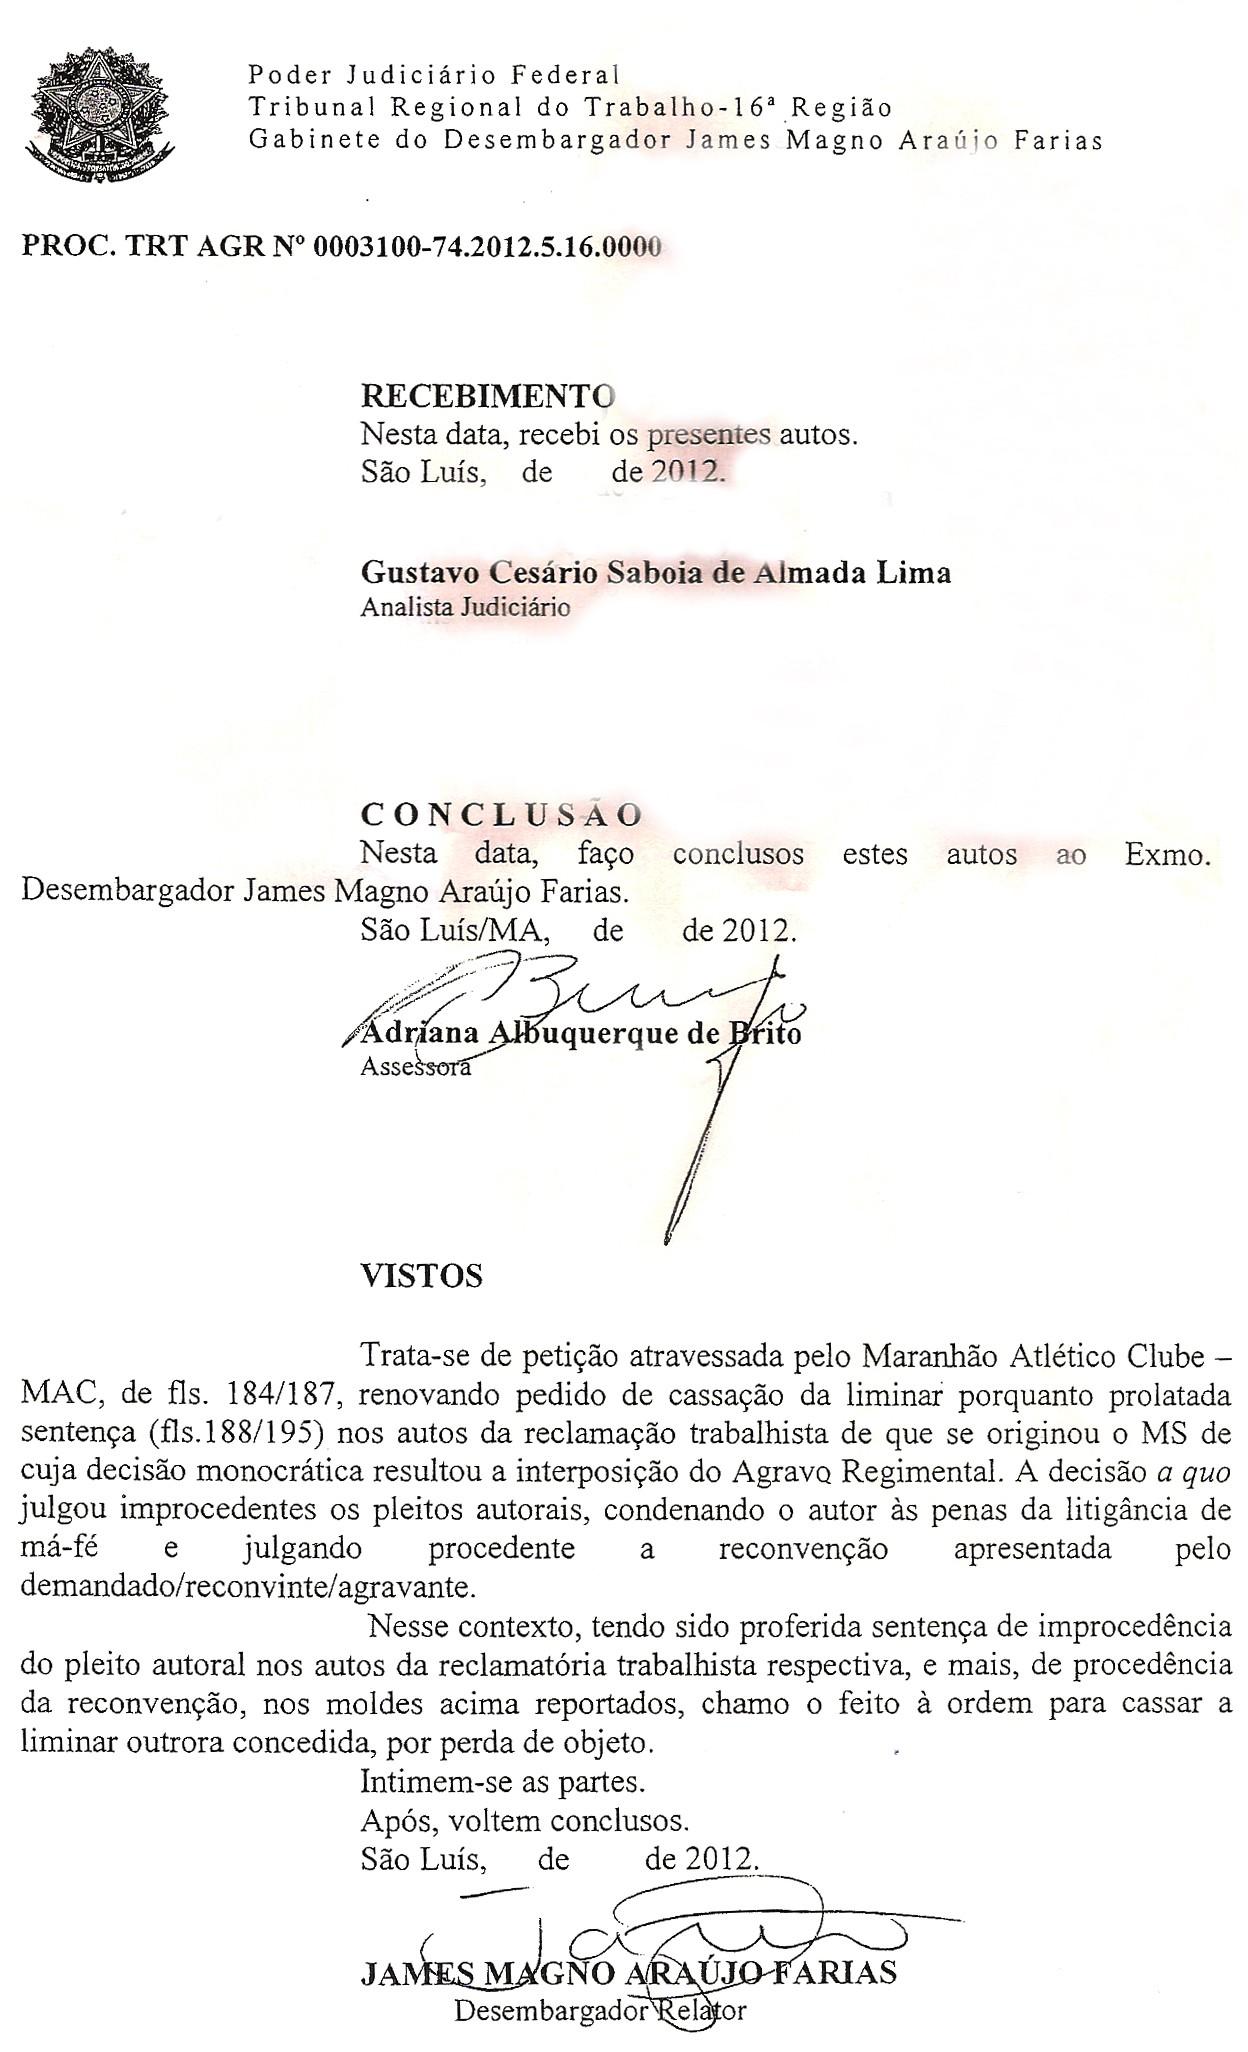 Documento da Justiça que mostra a cassação da liminar do atacante Edgar contra o Maranhão Atlético (Foto: Divulgação)